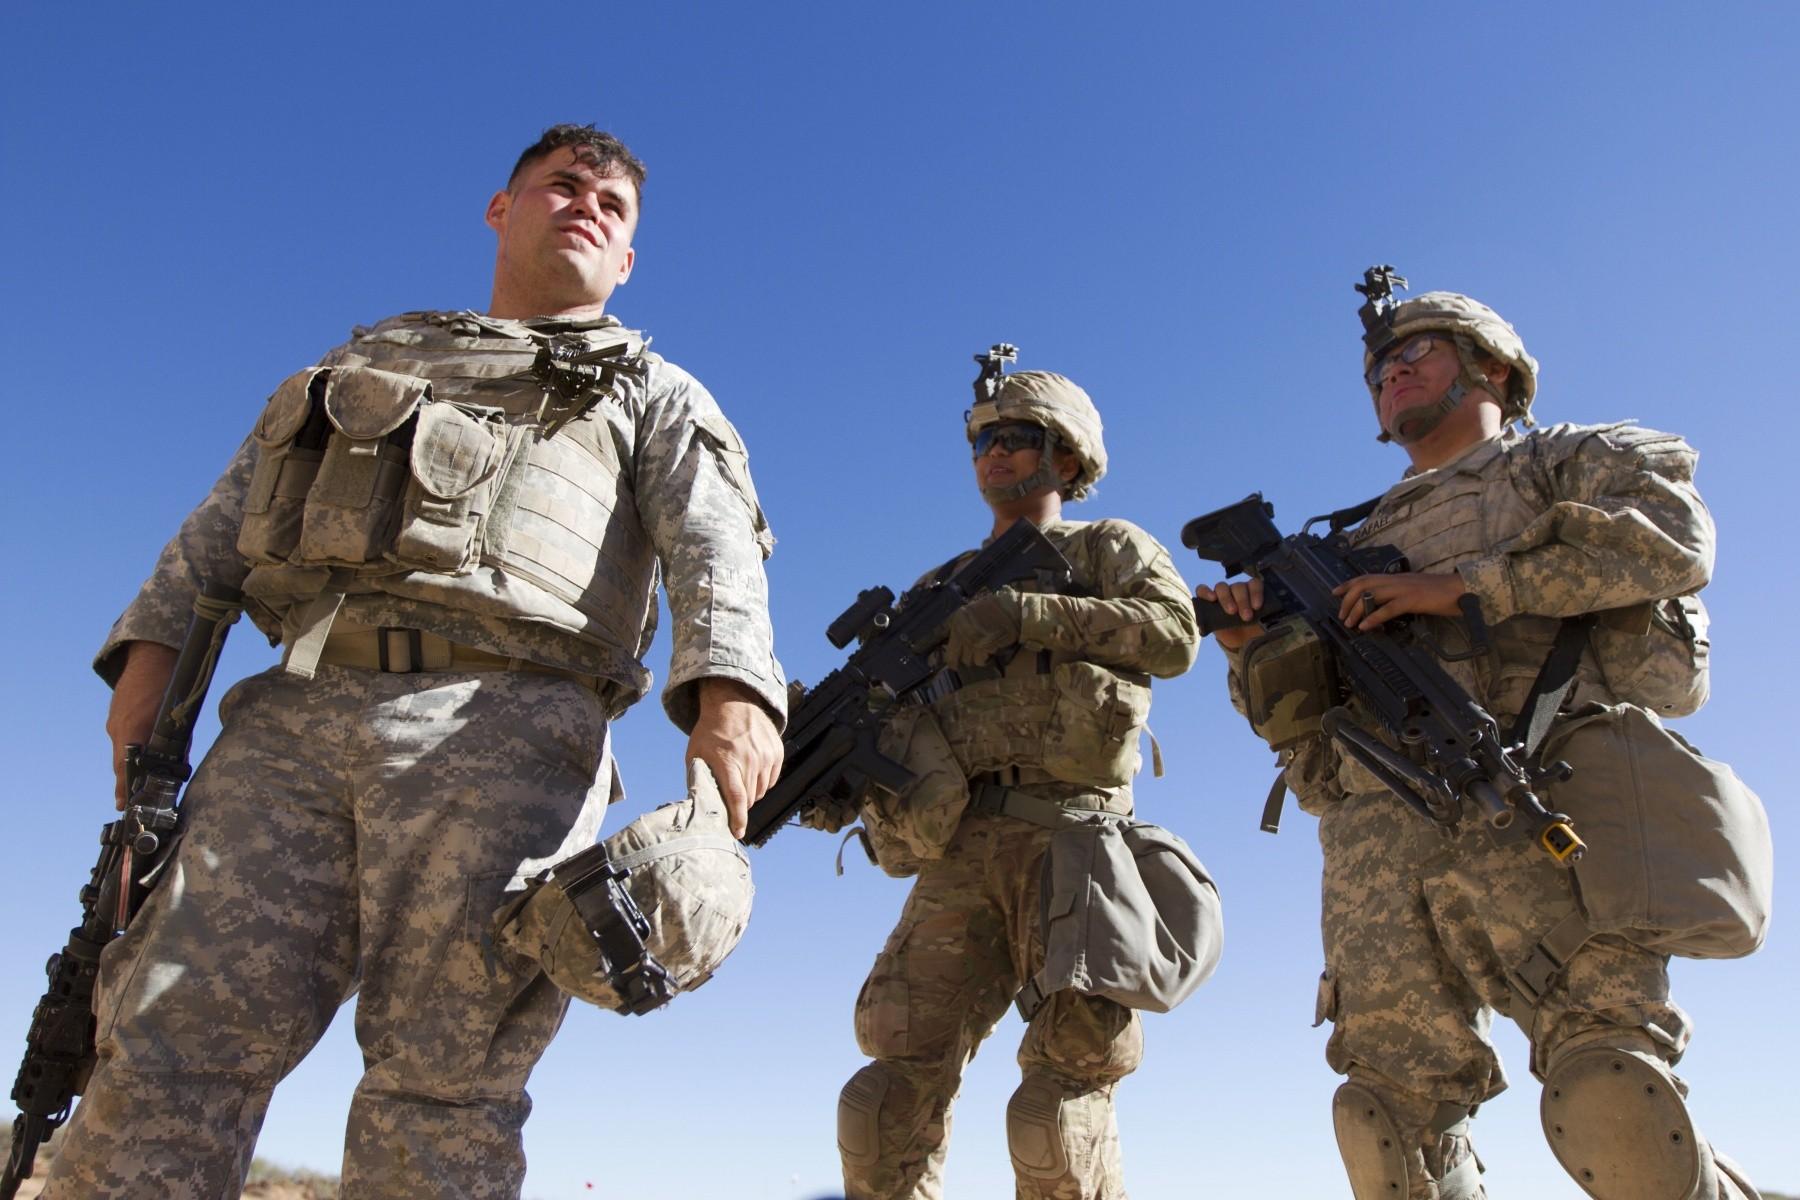 Army soldier hustler